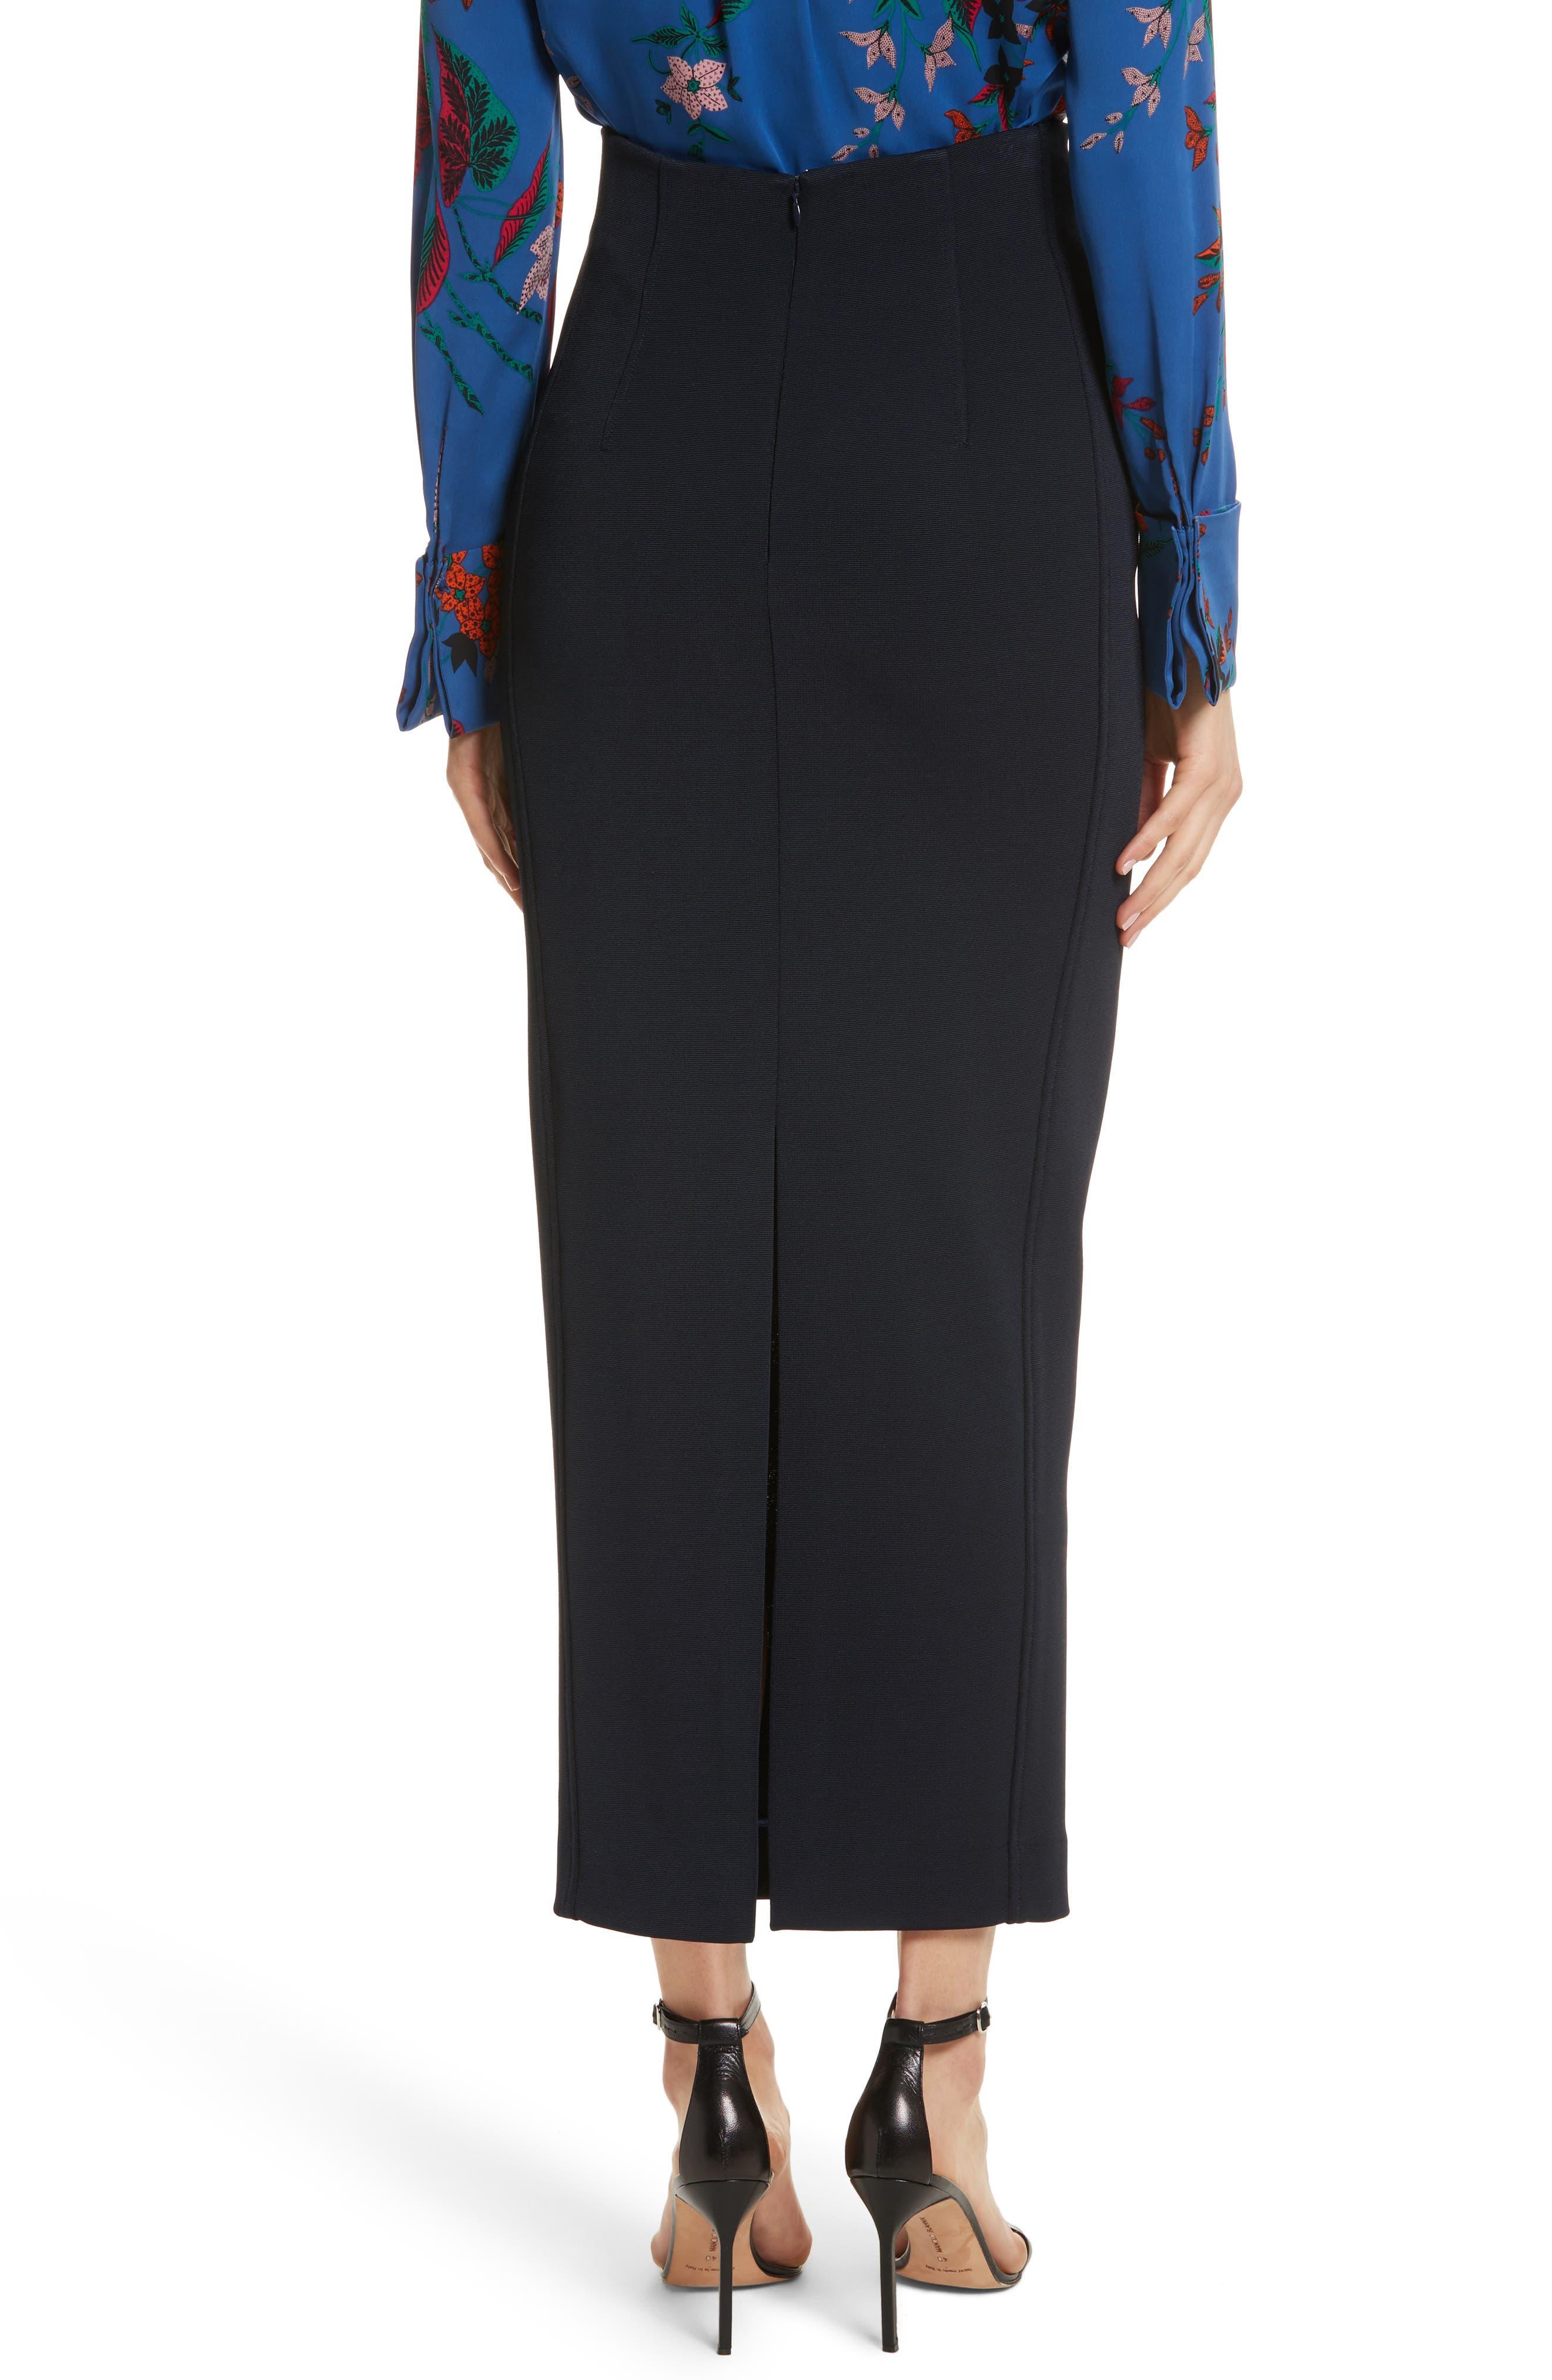 Diane von Furstenberg Fitted Midi Skirt,                             Alternate thumbnail 2, color,